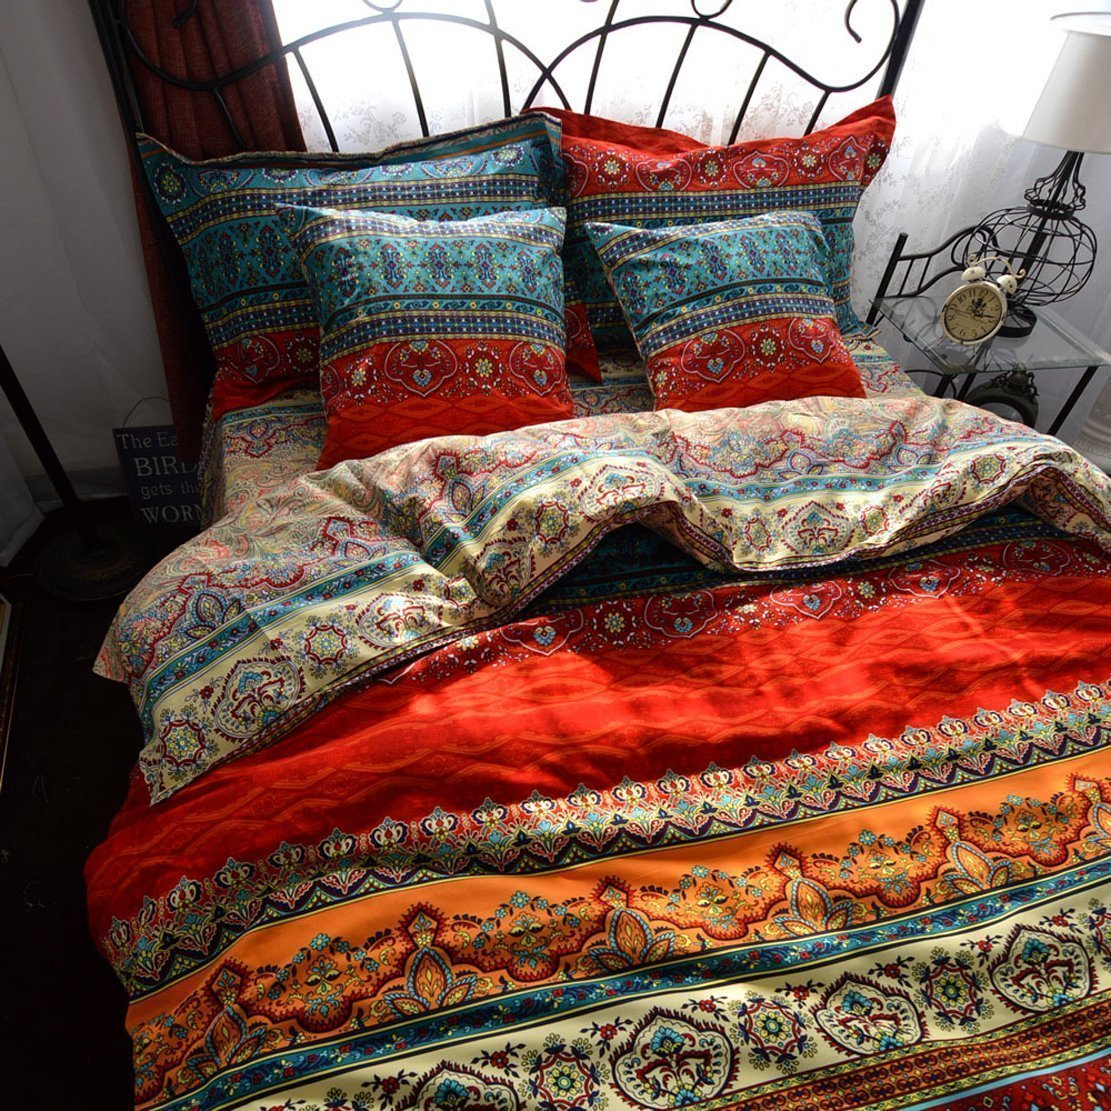 Abreeze Colorful Stripe Sheet Sets, Bohemia Bedding Set, King